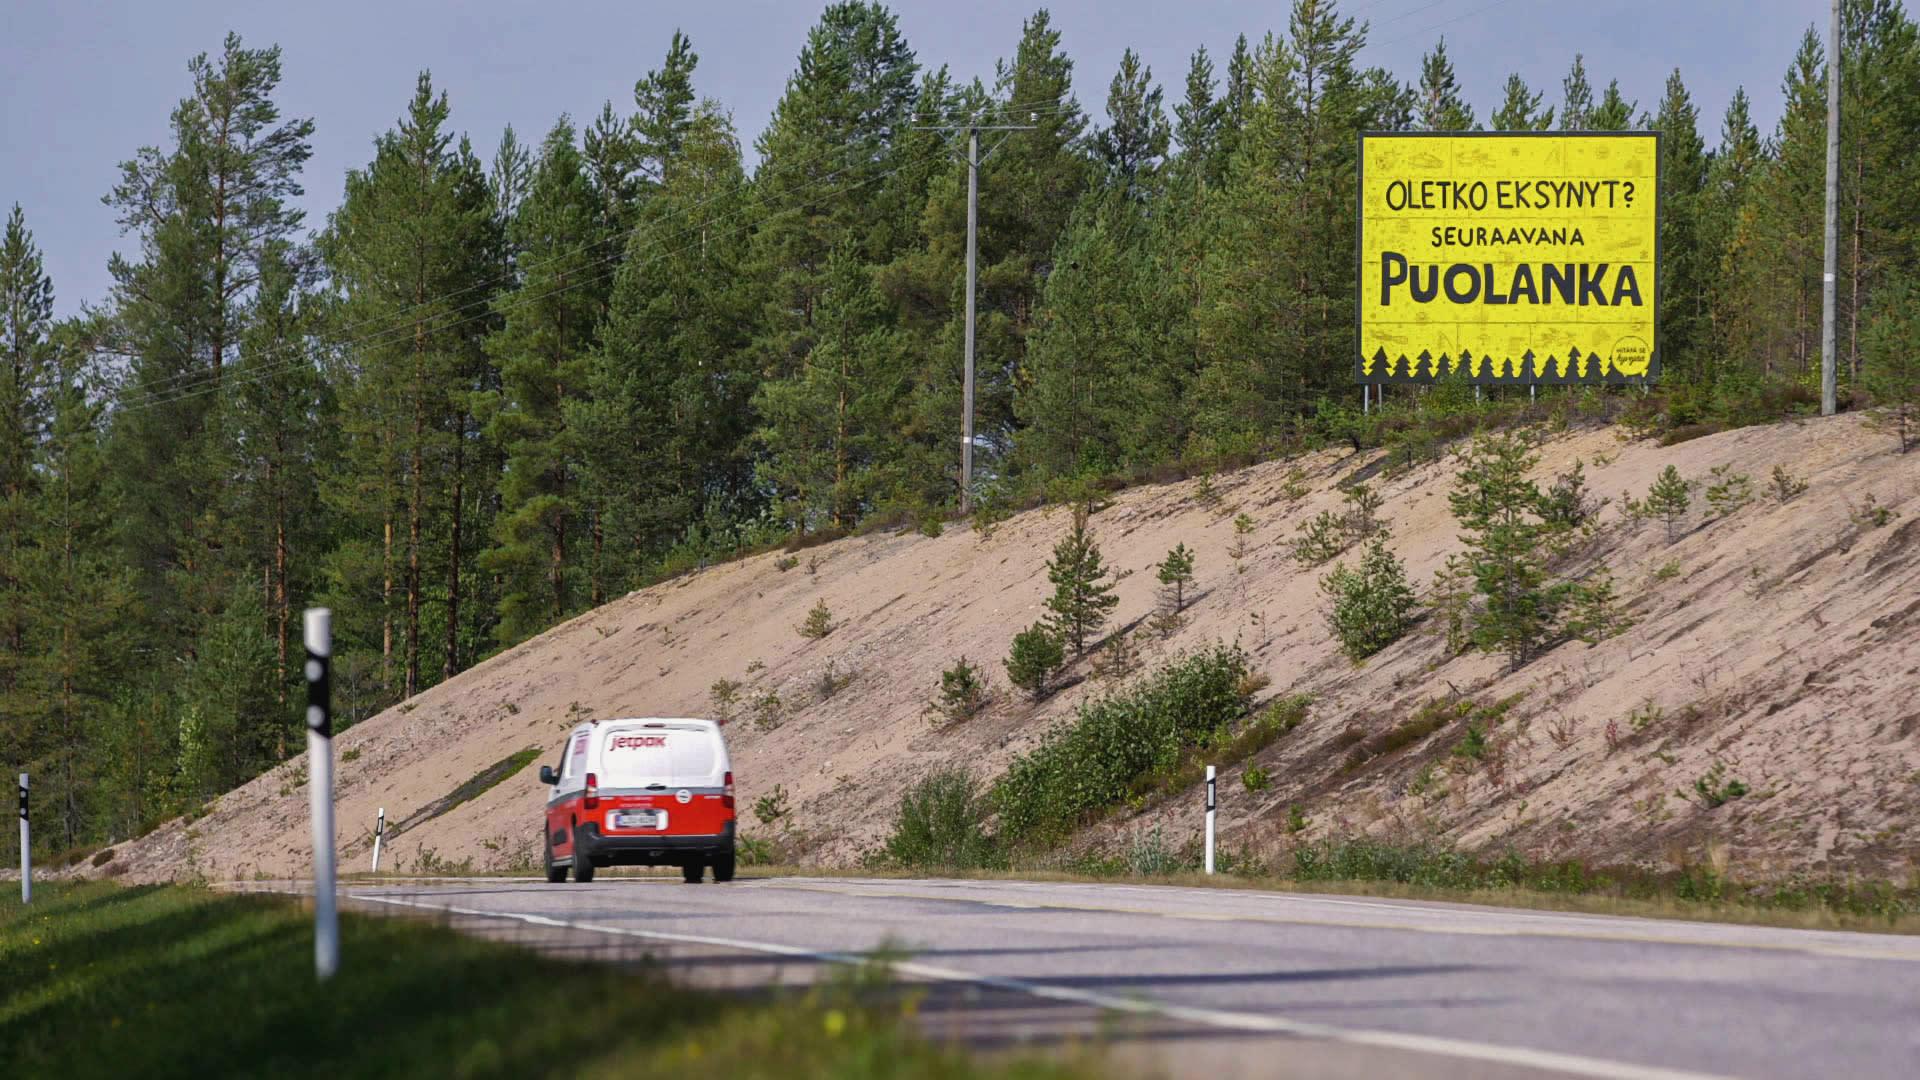 Maantie, jossa ajaa pakettiauto. Tien vieressä hiekkaisella rinteellä iso keltainen kyltti.